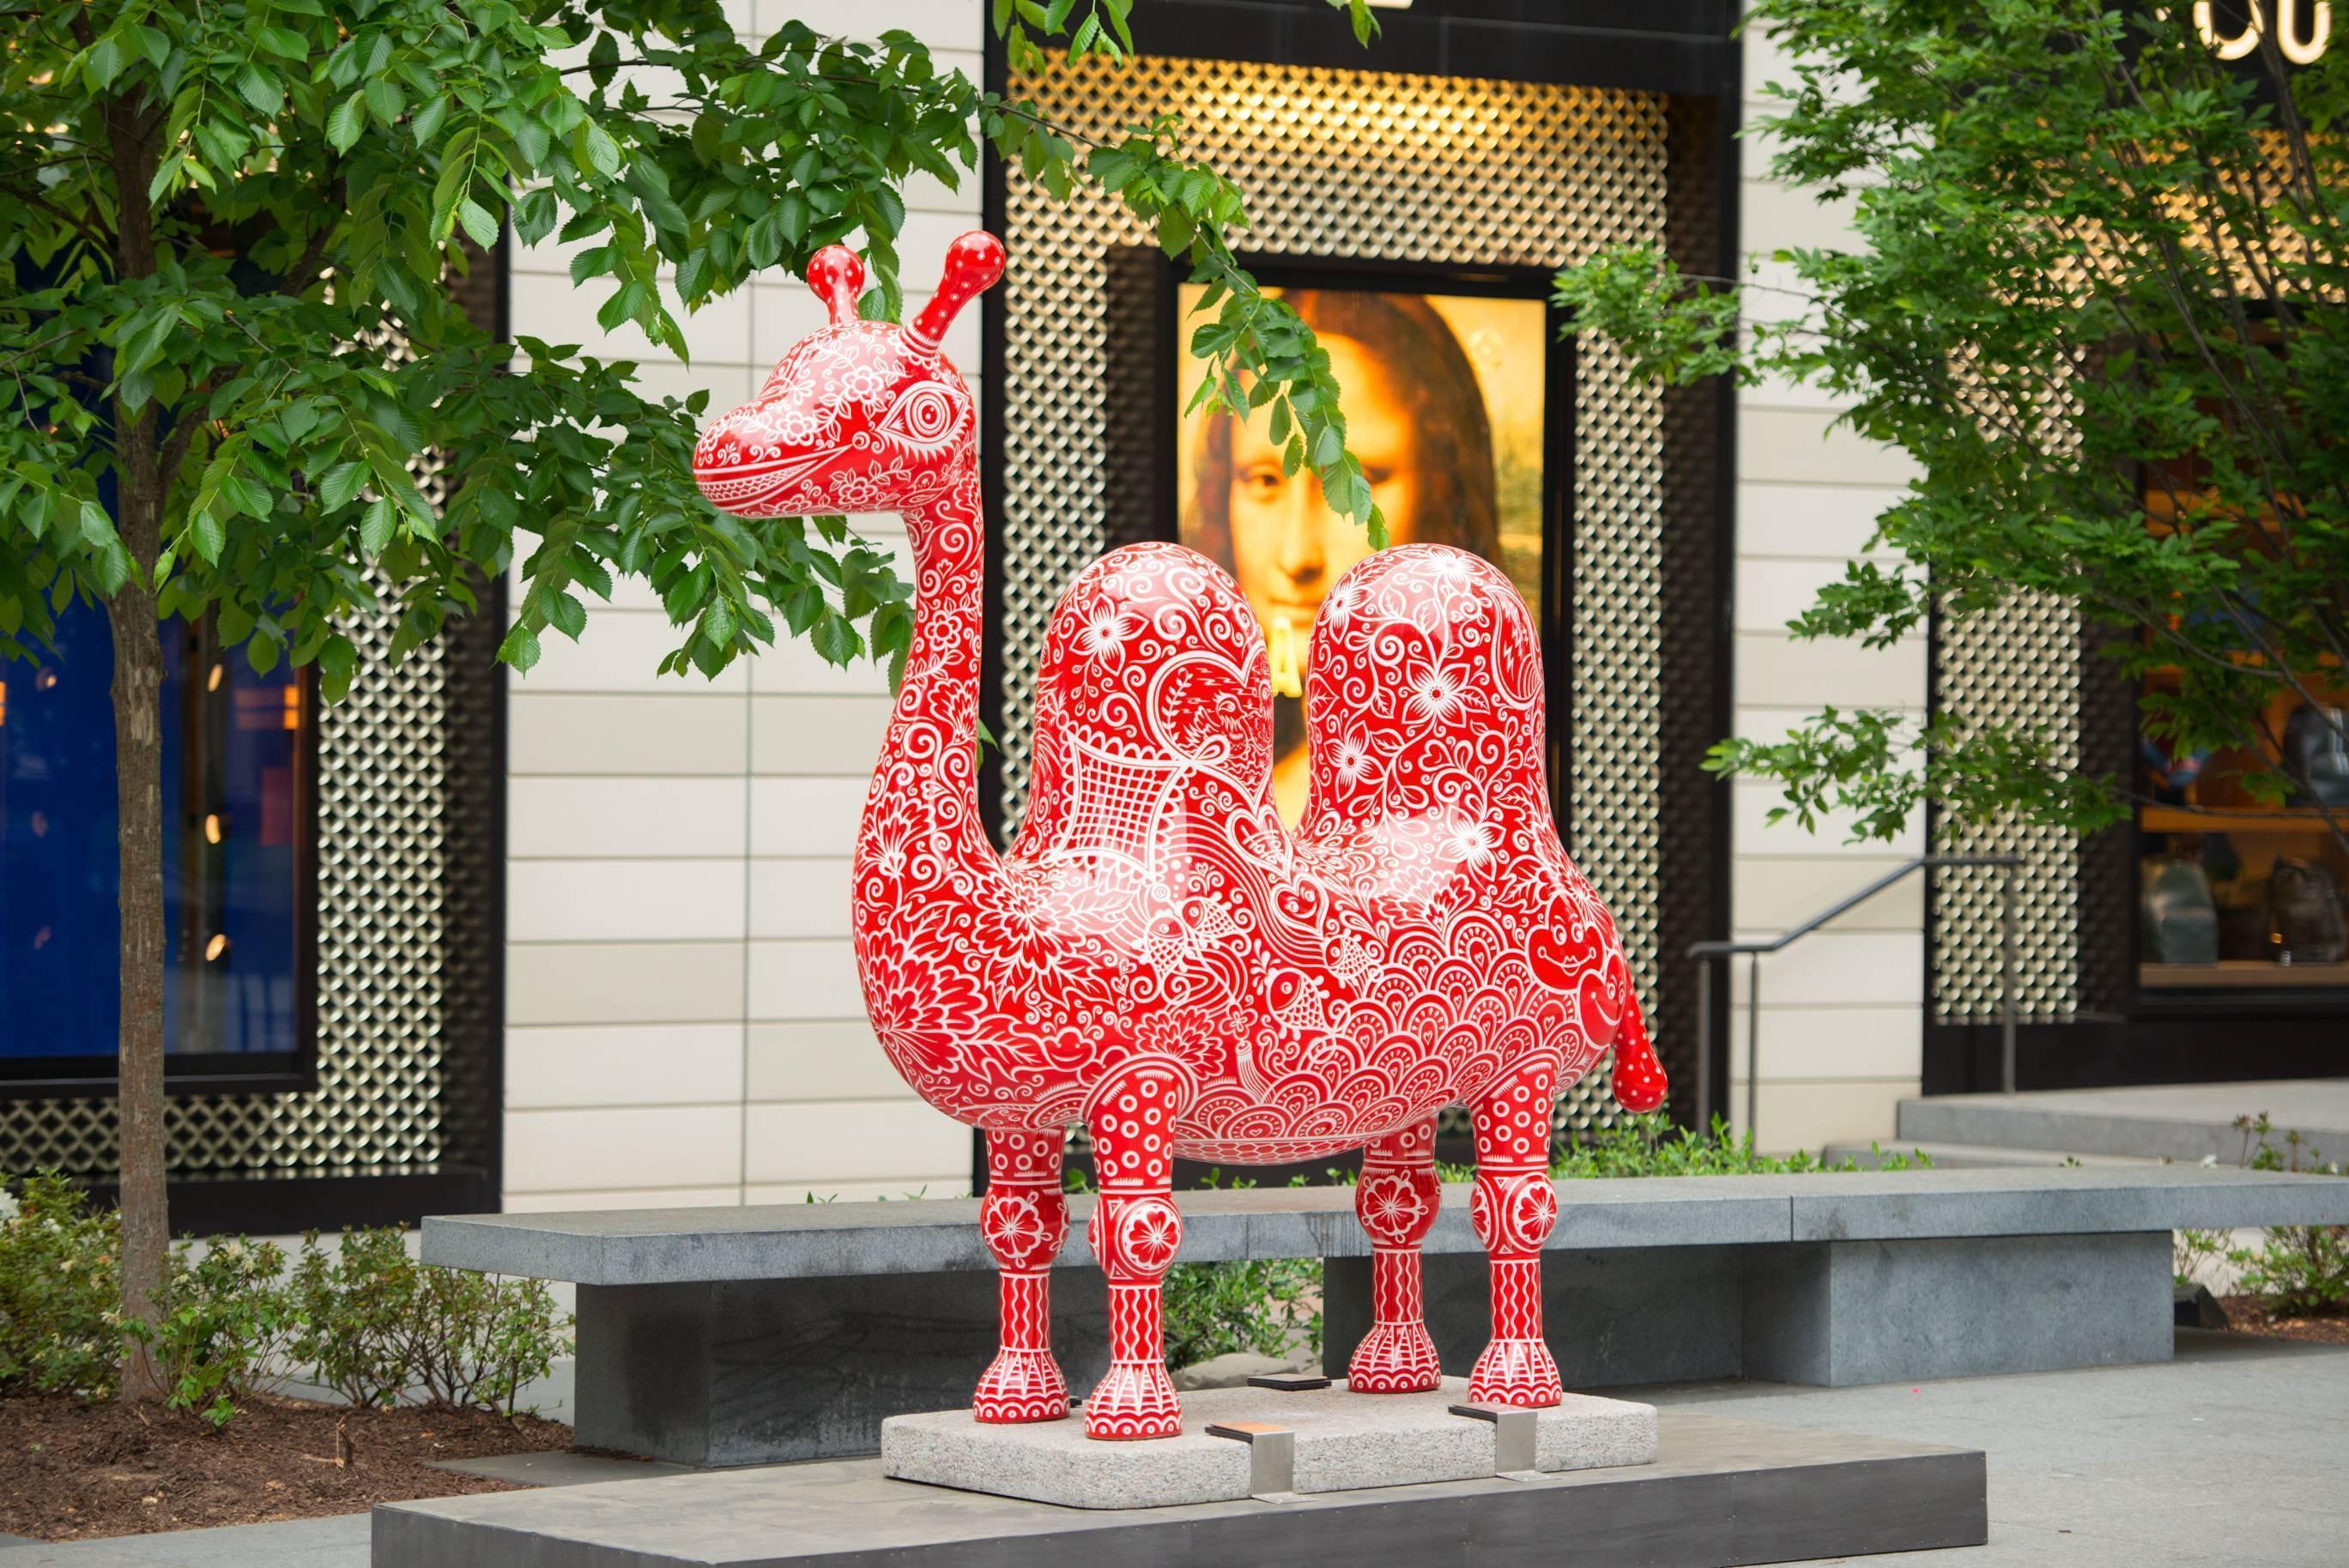 華盛頓DC城市中心-洪易|雙峰駱駝|鋼板彩繪、花崗石|215x70x221cm